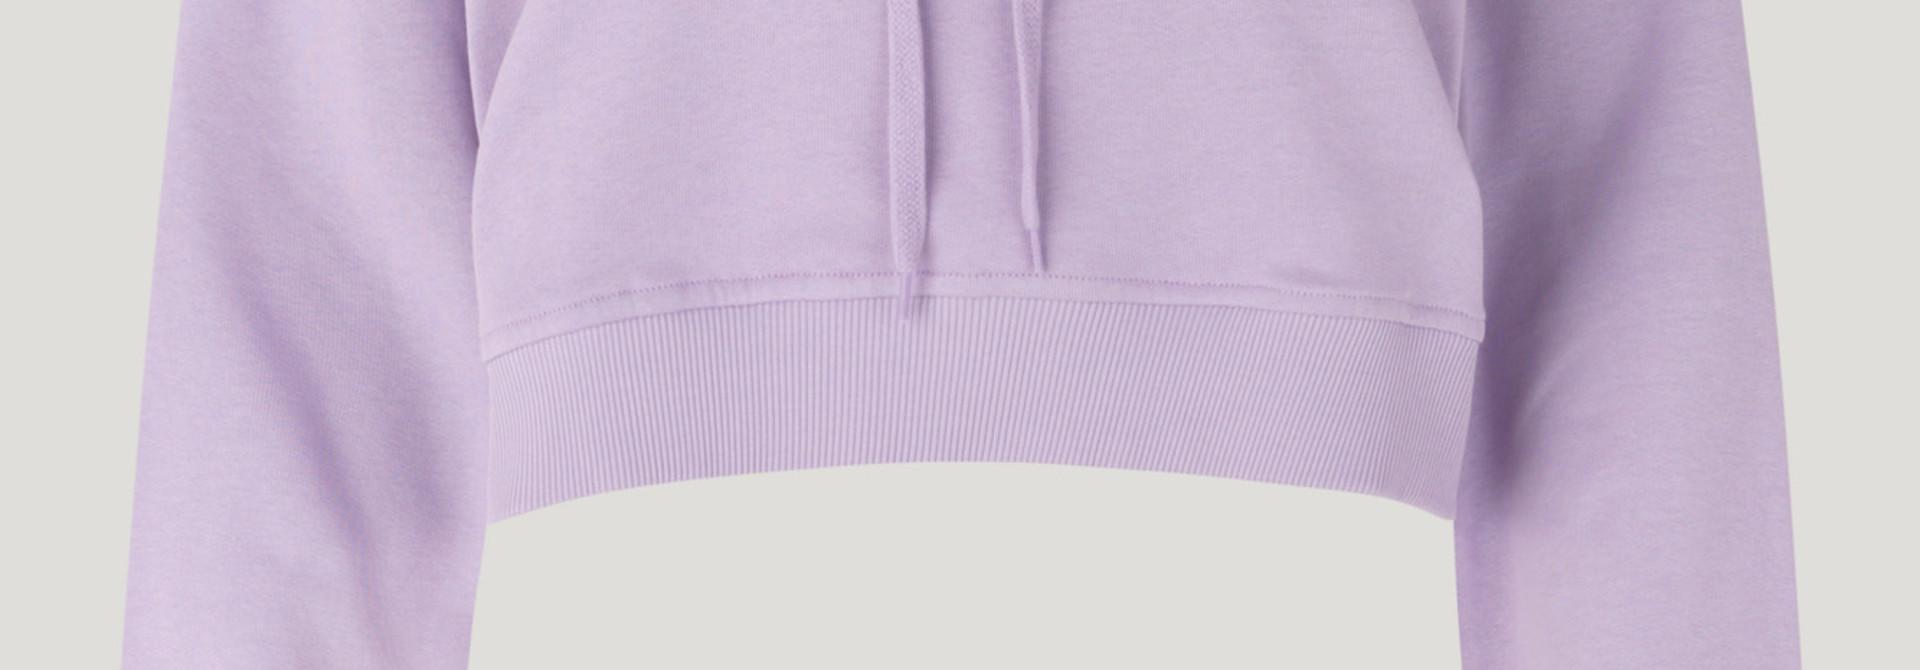 Jeroma hoodie Lavendula